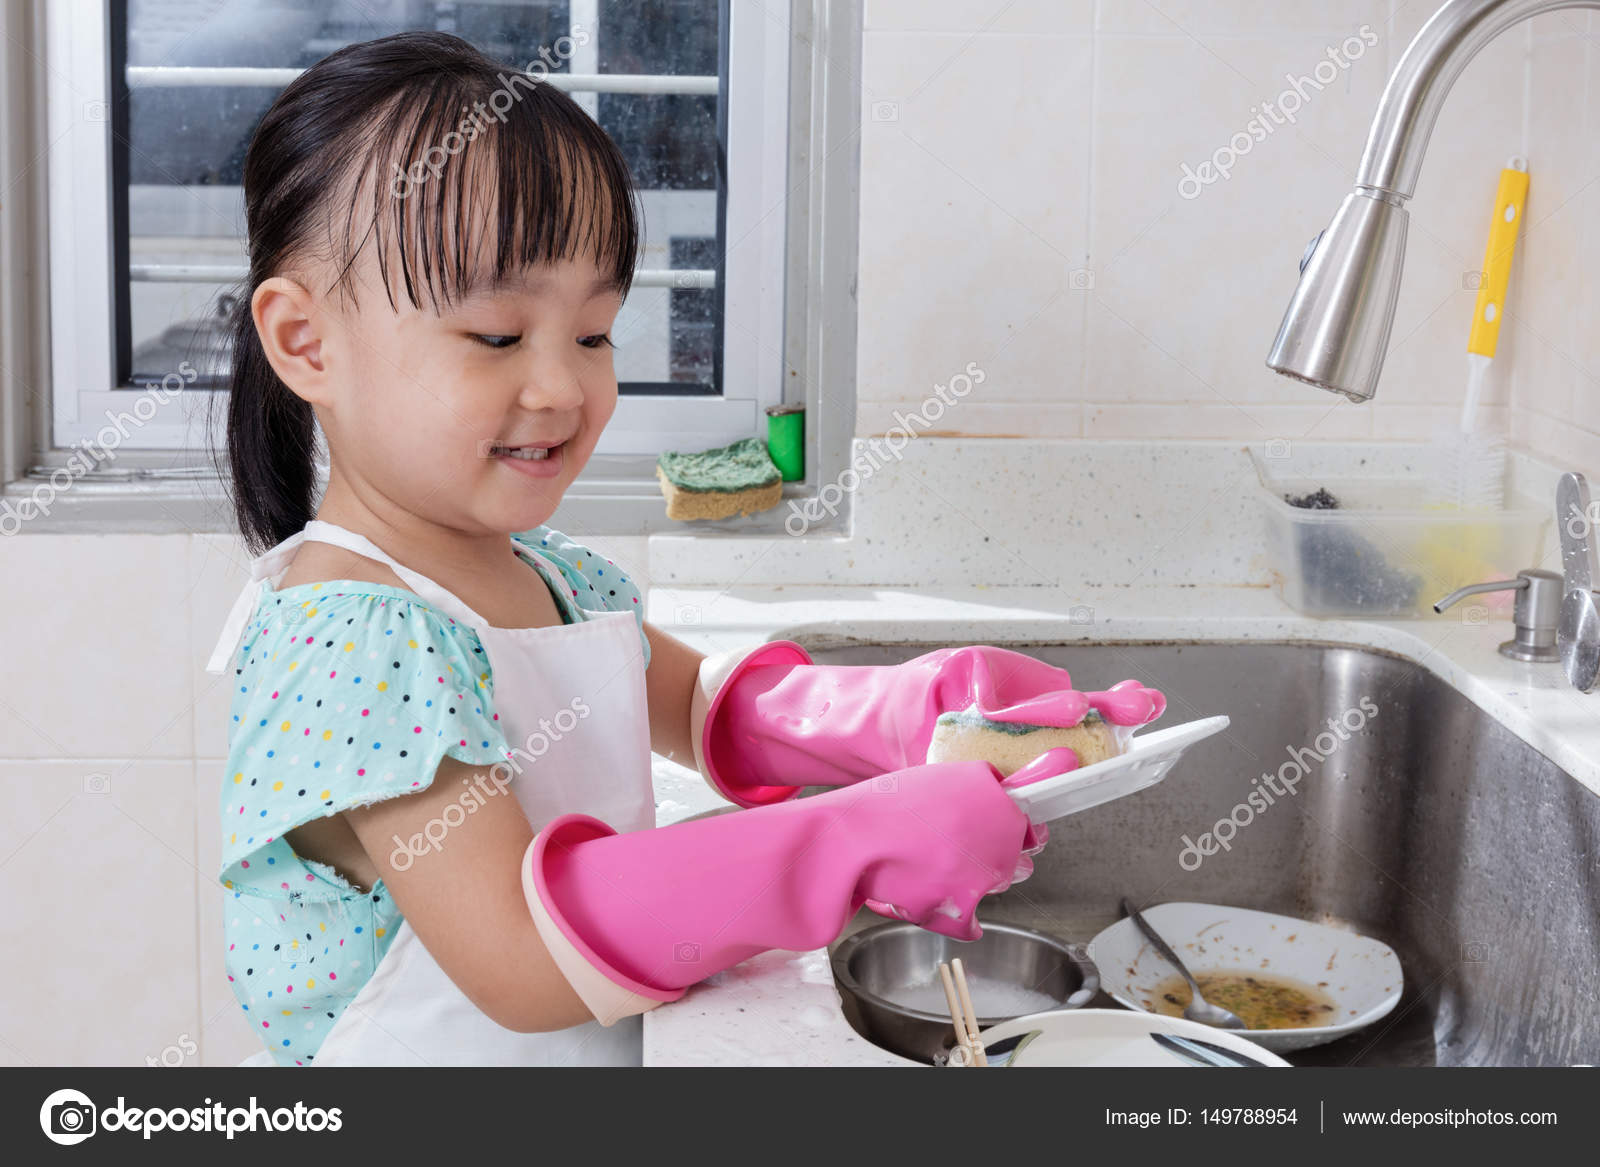 Imágenes: Lavando Platos